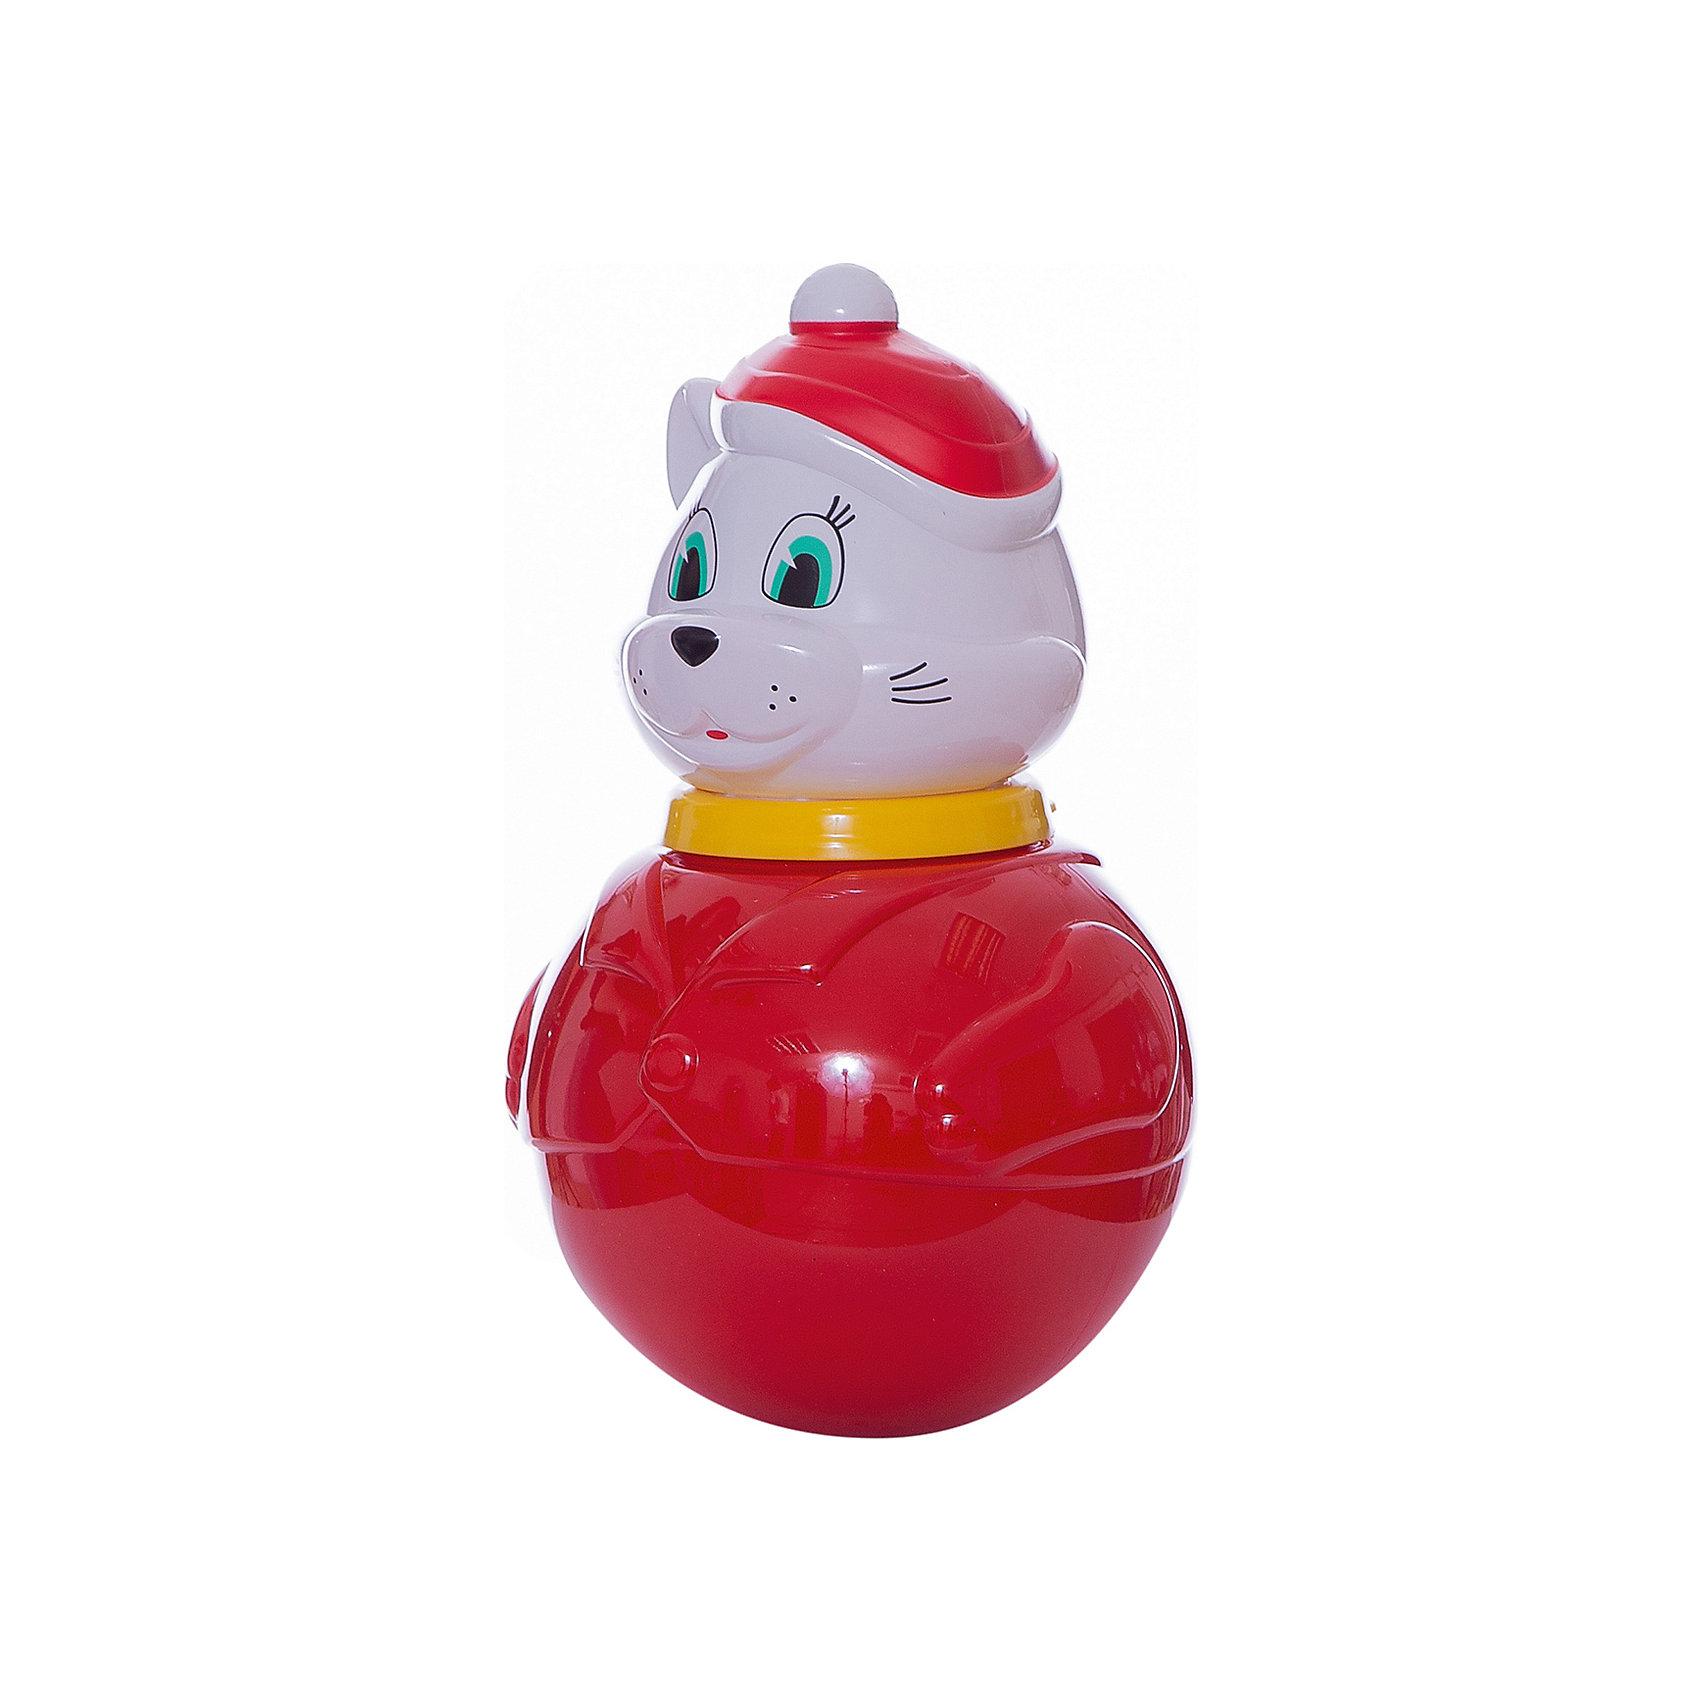 Стеллар Неваляшка большая Кот Мурлыка(коробка)Юлы, неваляшки<br>Стеллар Неваляшка большая Кот Мурлыка (коробка)<br><br>Характеристики:<br><br>• Материал: пластик<br>• Размер: 10х16х10 см<br>• Возраст: от 6 месяцев<br><br>Веселая неваляшка котик развеселит малыша. Как только ребенок начнет укладывать игрушку, она тут же встанет. Яркая расцветка не тускнеет, а качественный материал очень крепкий и полностью безопасен для детей. Миленькая мордочка хитрого кота однозначно придется по душе, как девочкам, так и мальчикам.<br><br>Стеллар Неваляшка большая Кот Мурлыка (коробка) можно купить в нашем интернет-магазине.<br><br>Ширина мм: 190<br>Глубина мм: 190<br>Высота мм: 295<br>Вес г: 620<br>Возраст от месяцев: 6<br>Возраст до месяцев: 36<br>Пол: Унисекс<br>Возраст: Детский<br>SKU: 2407096